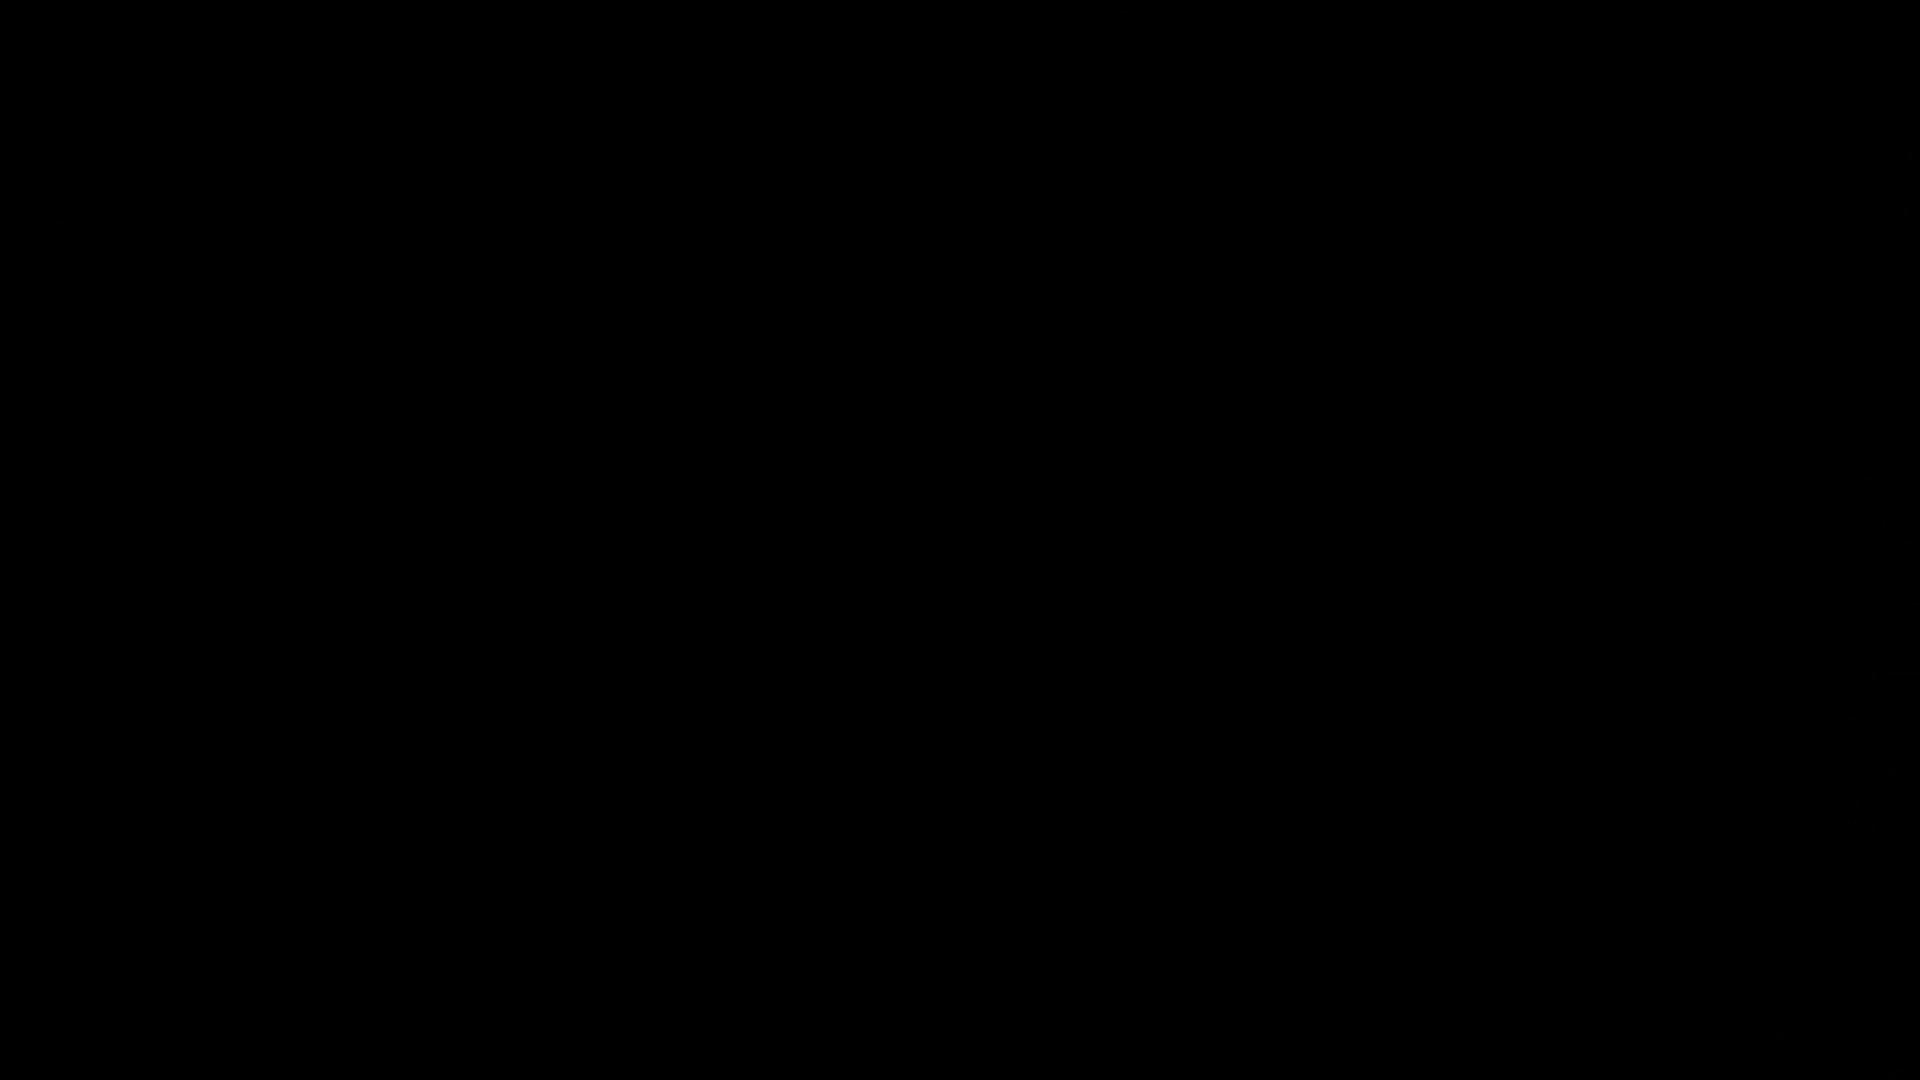 ゆめかわ男子のゆめかわオナニージャニーズ編vol.09 人気シリーズ ゲイアダルトビデオ画像 84枚 19